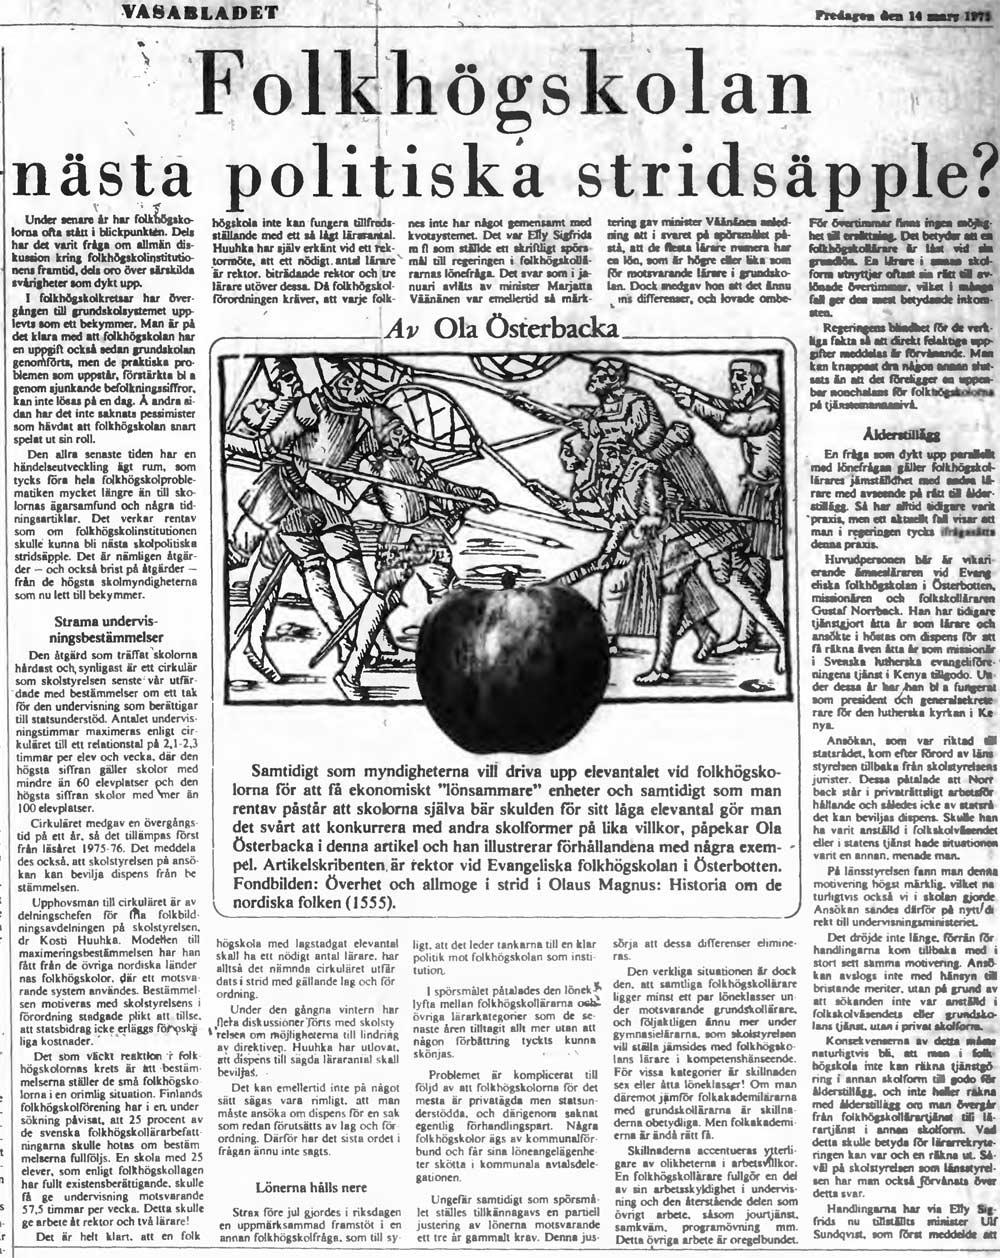 vbl_1975-03-14_folkhögskoldebatt